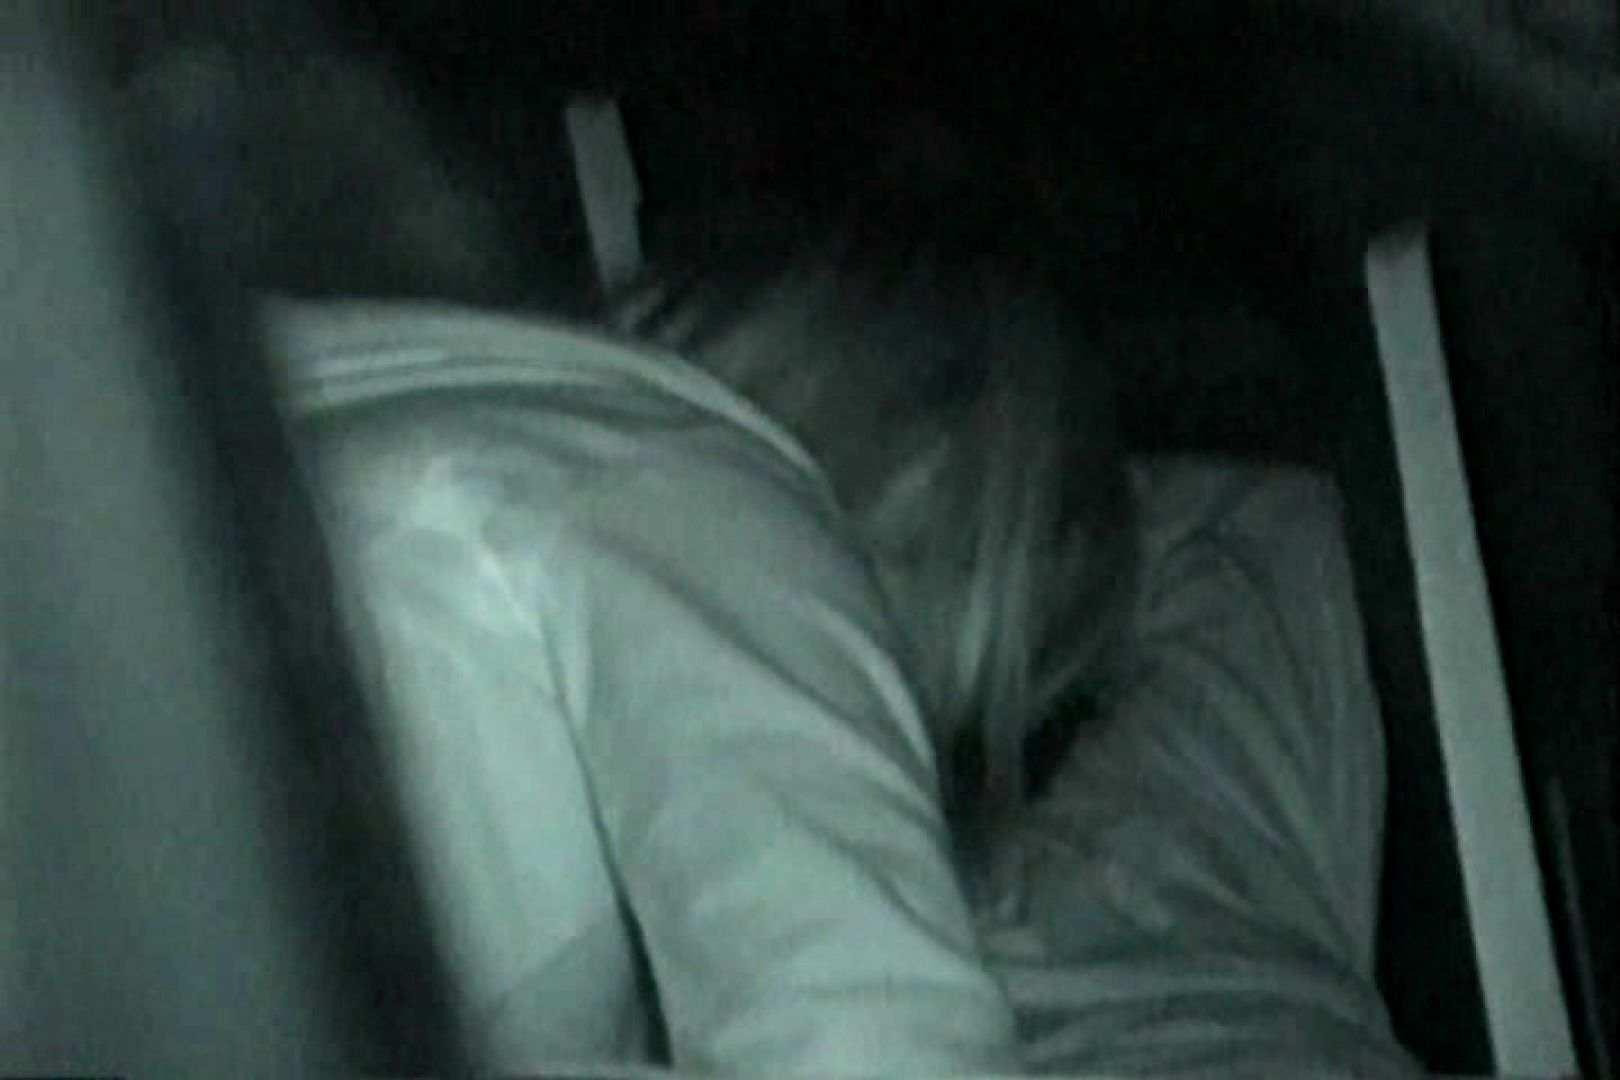 充血監督の深夜の運動会Vol.126 フェラチオ 盗撮動画紹介 83画像 49